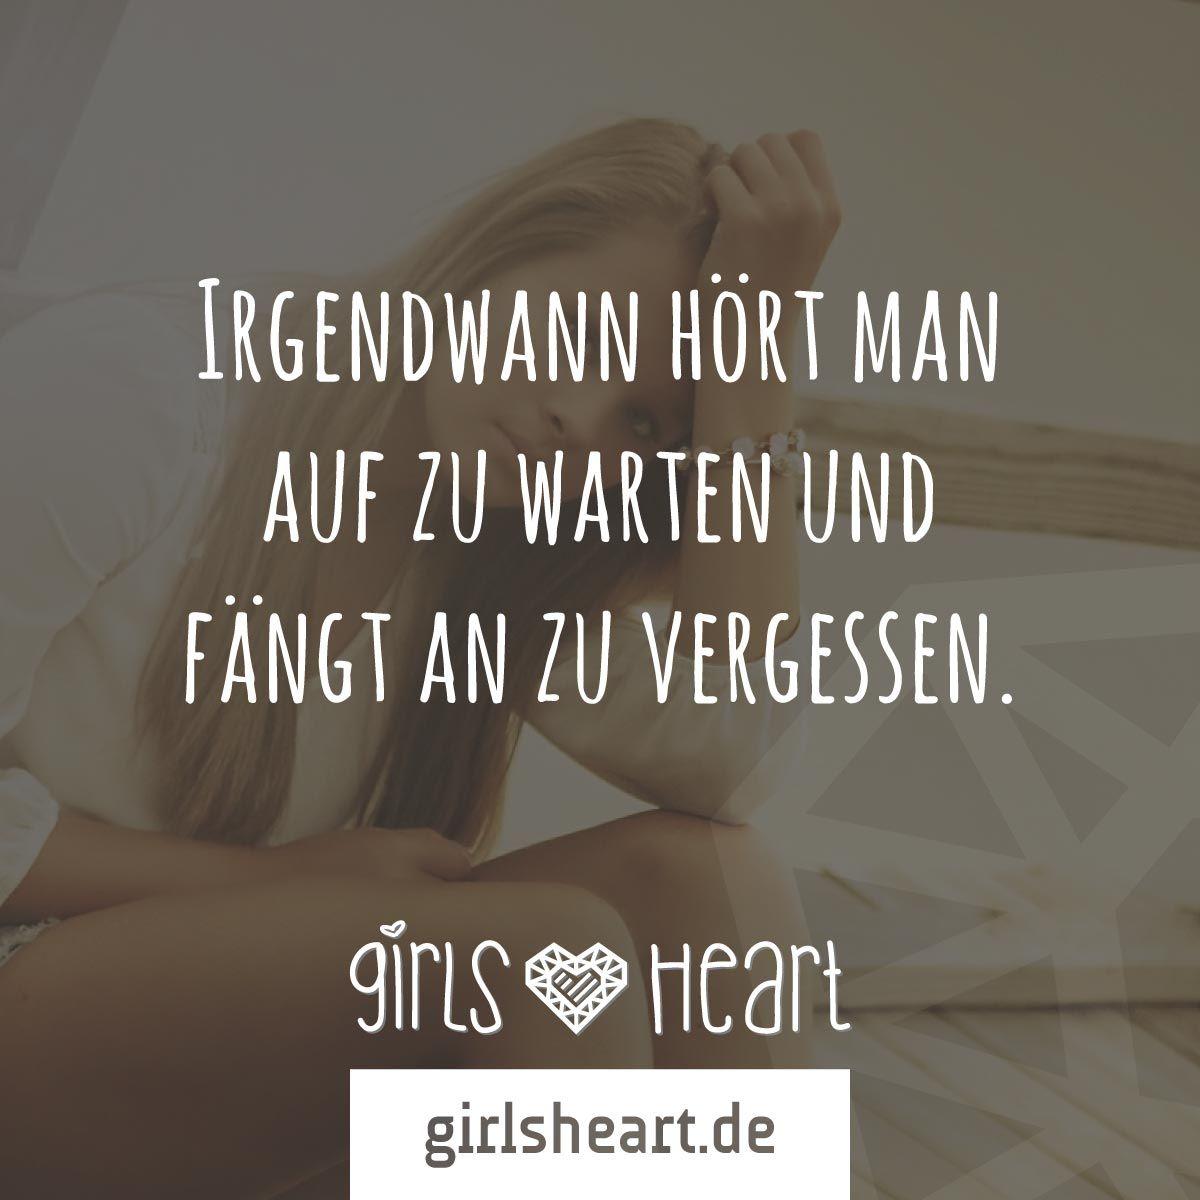 mehr sprüche auf: www.girlsheart.de #beziehung #ende #sehnsucht